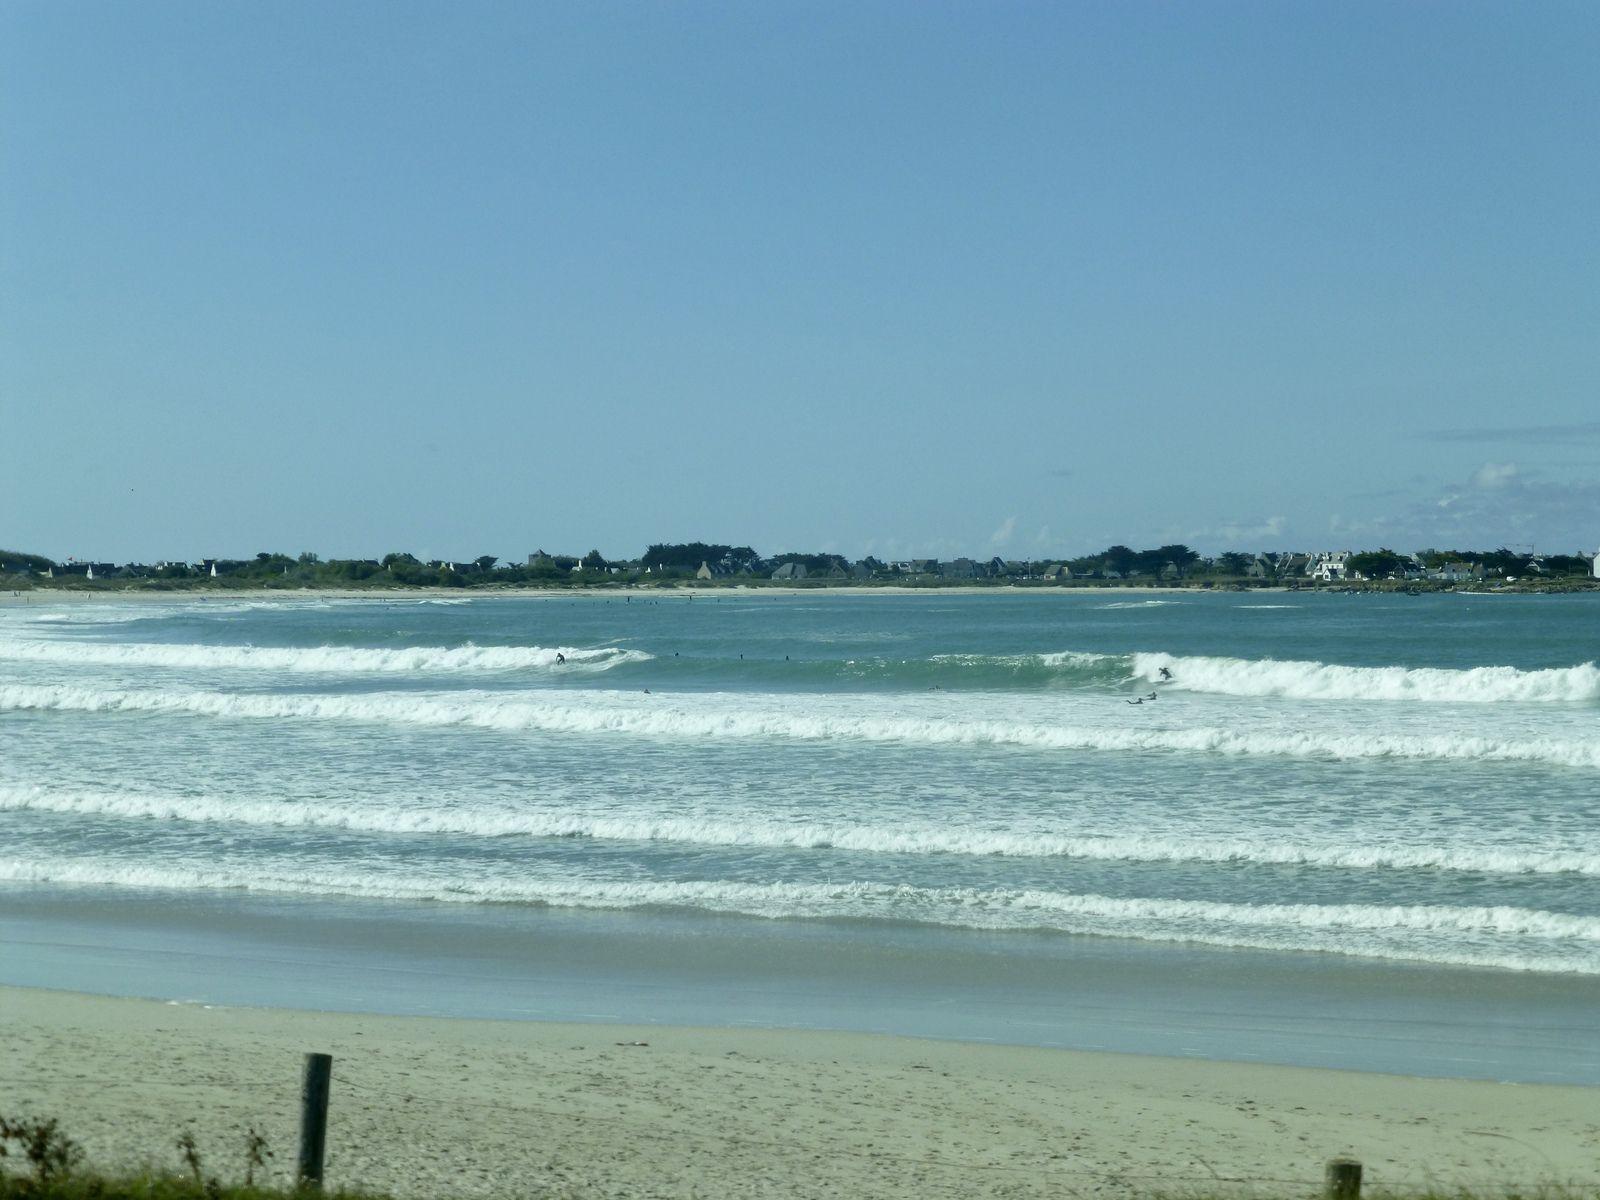 Une belle journée pendant laquelle j'ai profité de la campagne et de l'océan sous un soleil d'été!!